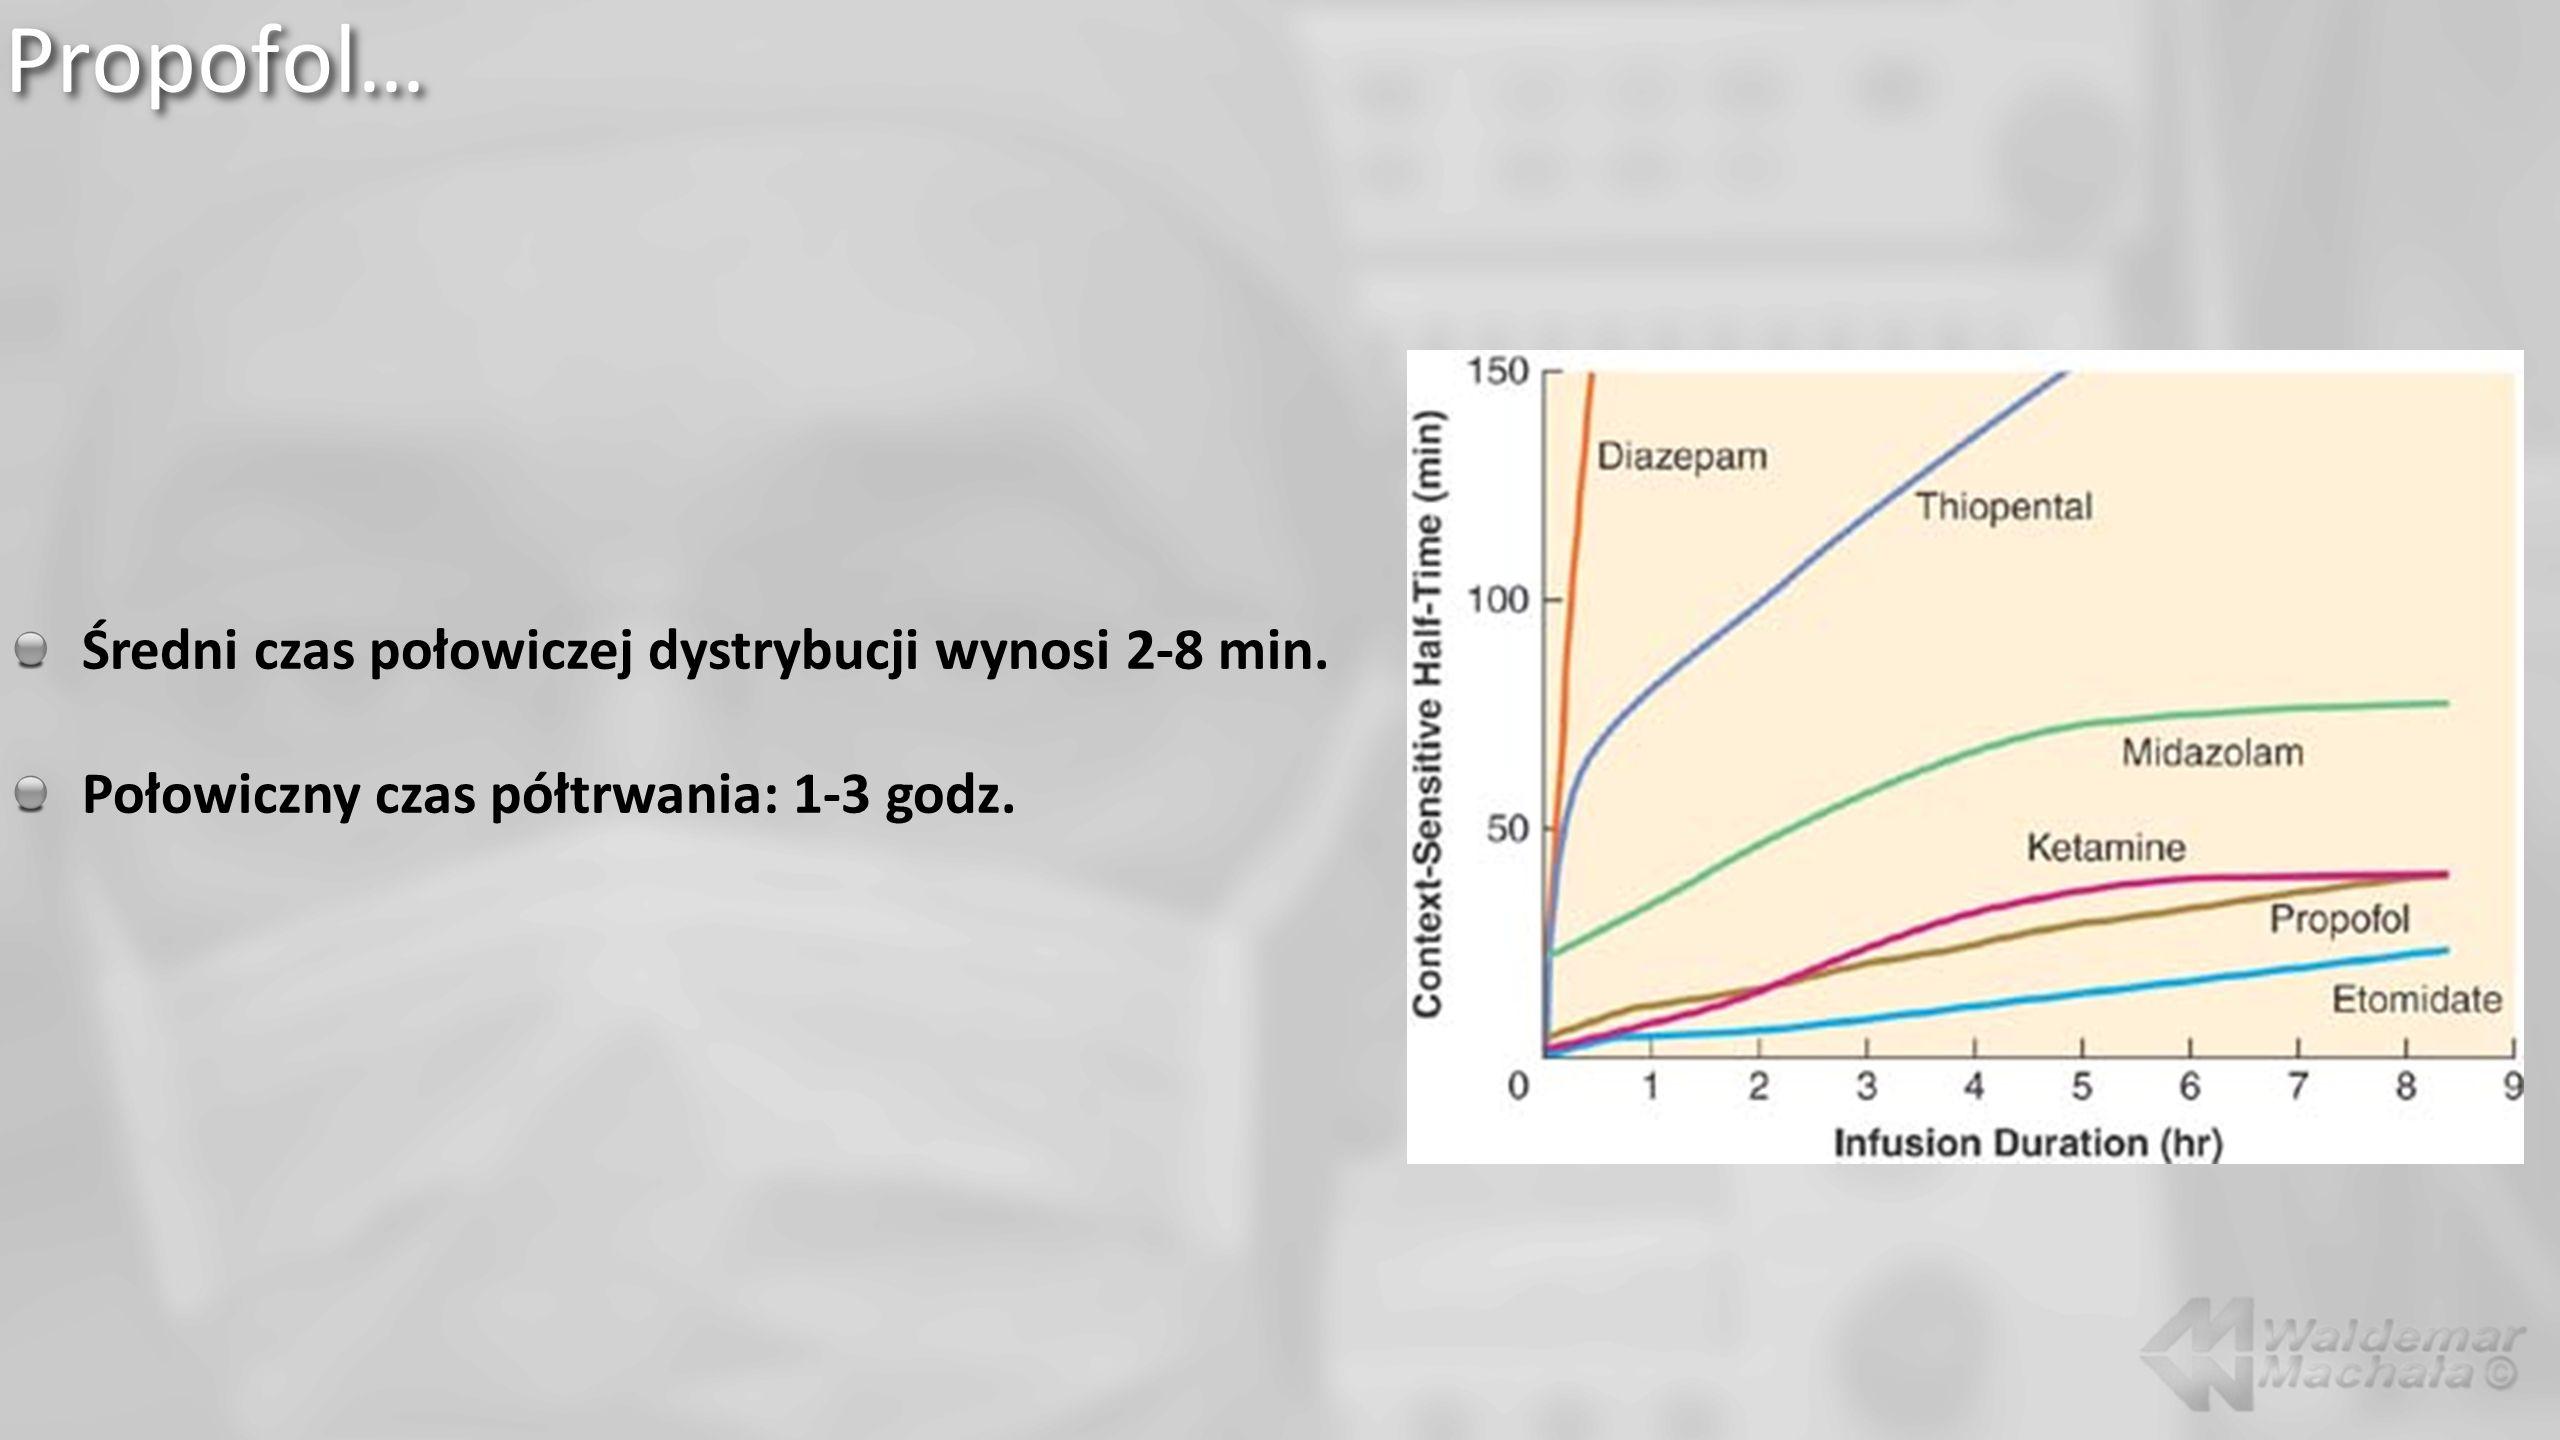 Propofol… Średni czas połowiczej dystrybucji wynosi 2-8 min.